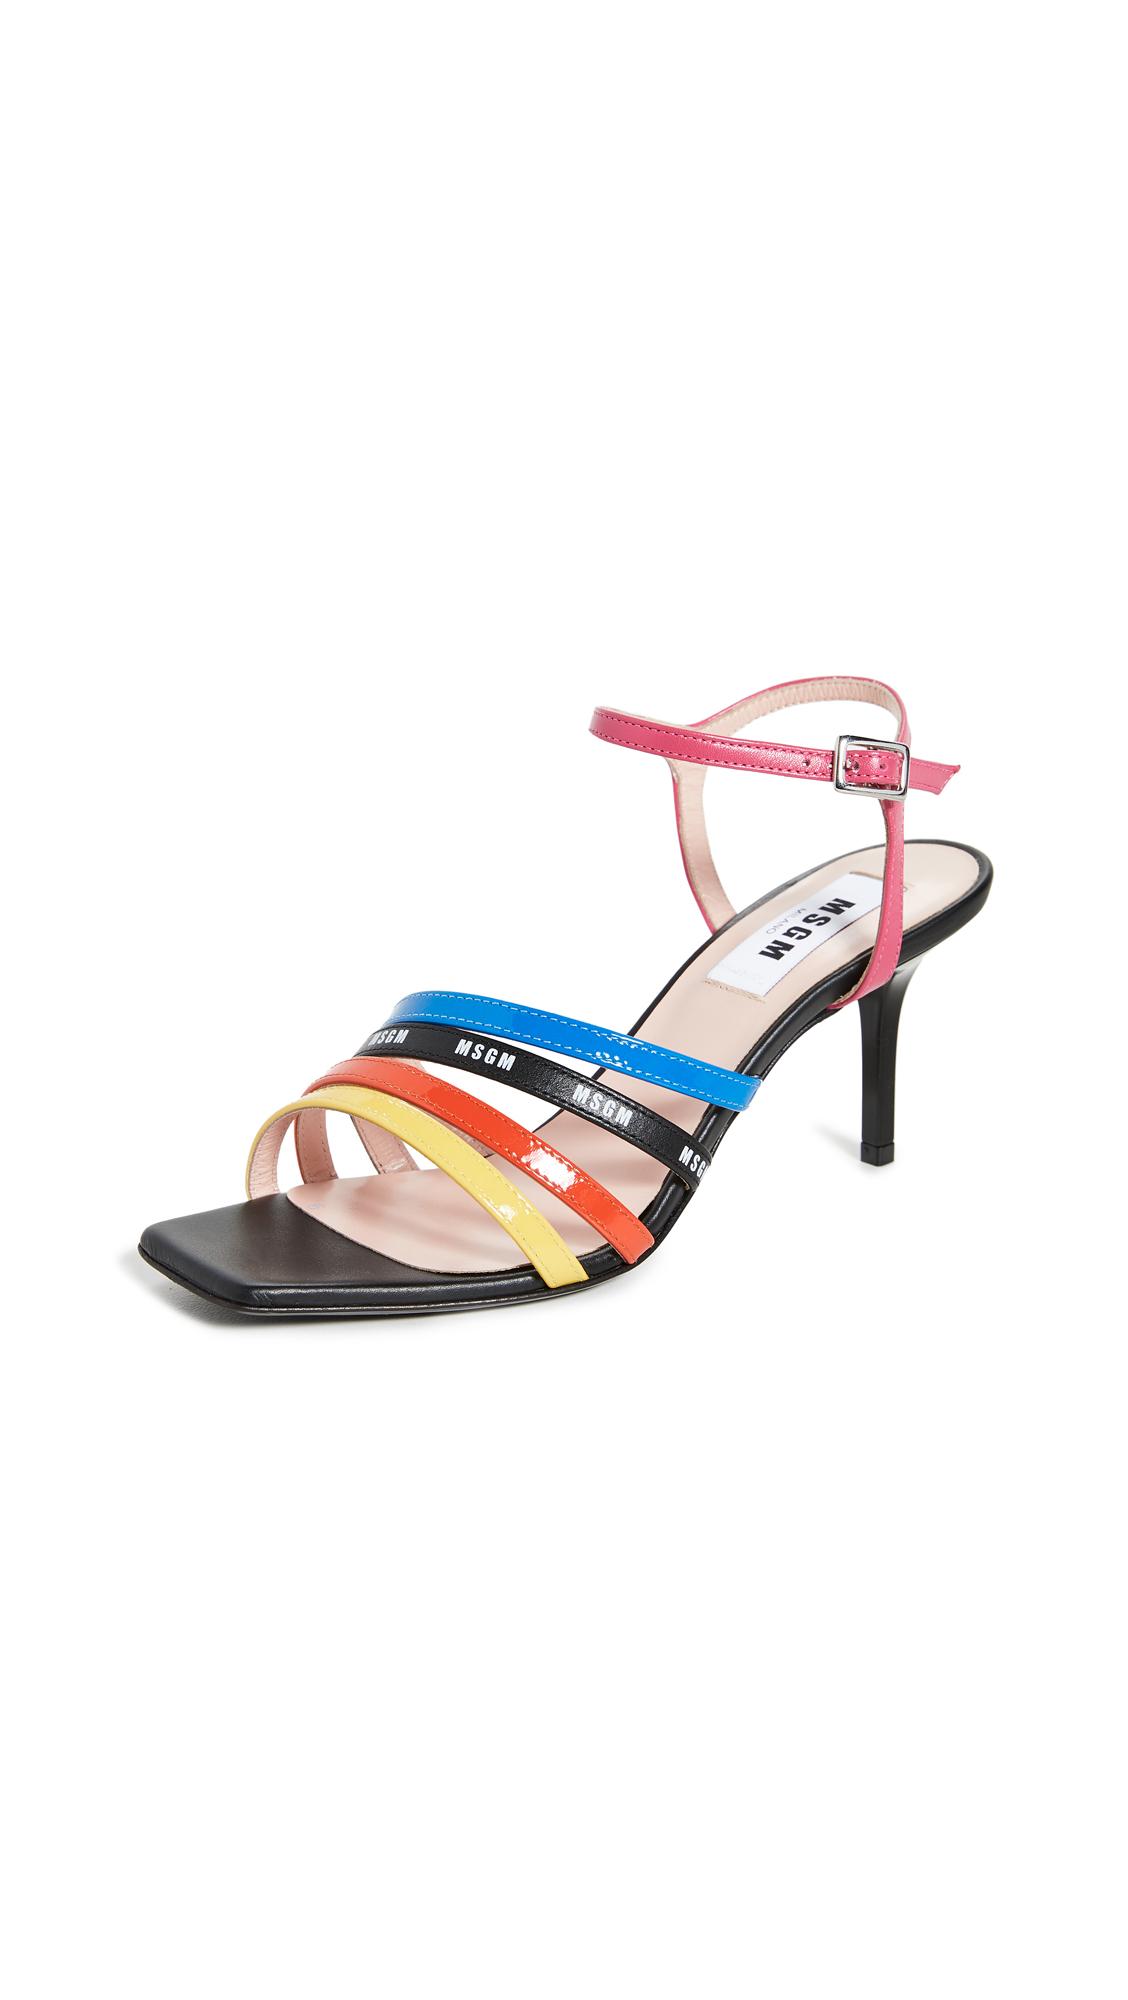 MSGM Multi Strap Sandals – 50% Off Sale